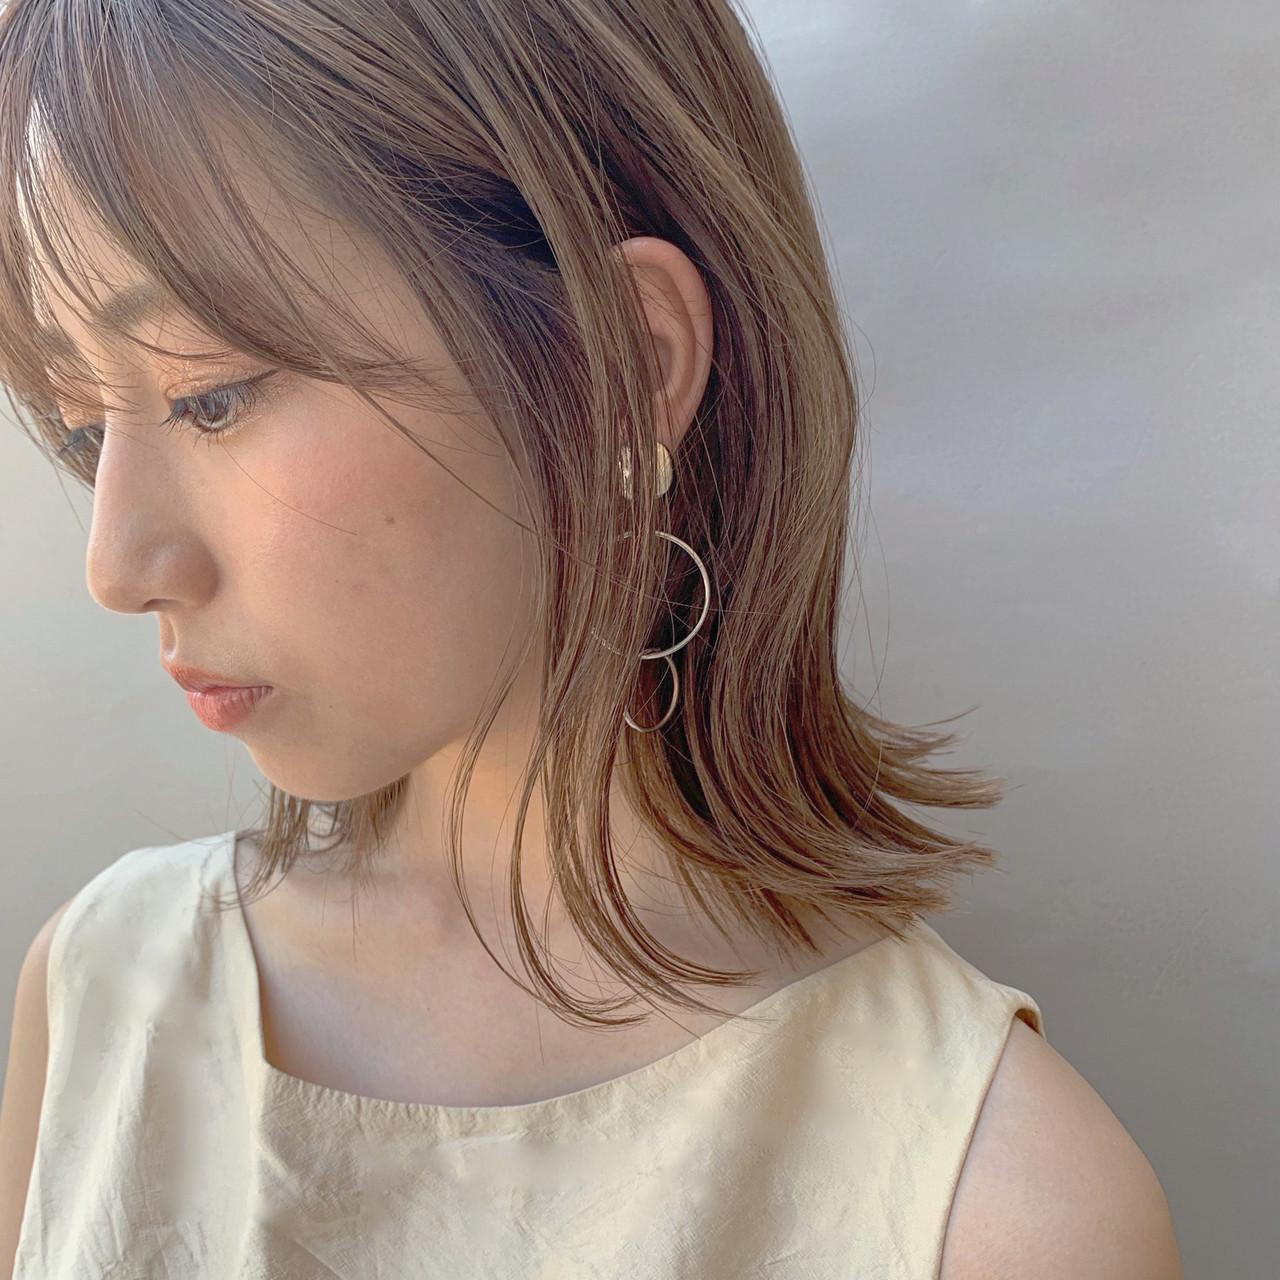 女の子は髪にも仕込む「くびれミディアム」 伊東咲紀